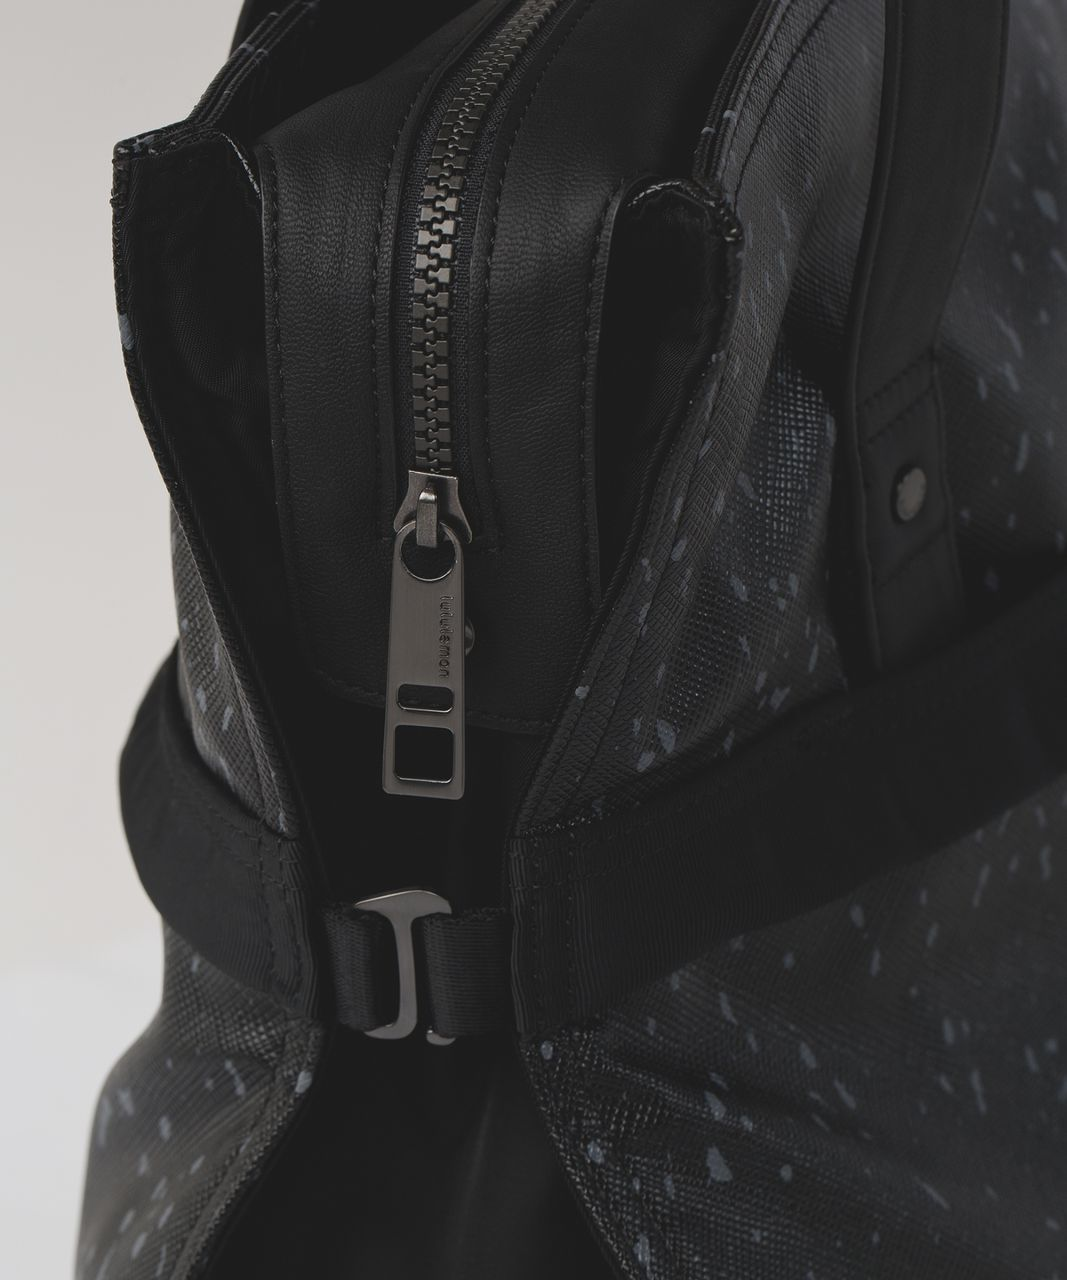 Lululemon Follow Your Bliss Bag - Exploded Butterfly Texture Dark Slate Black / Black